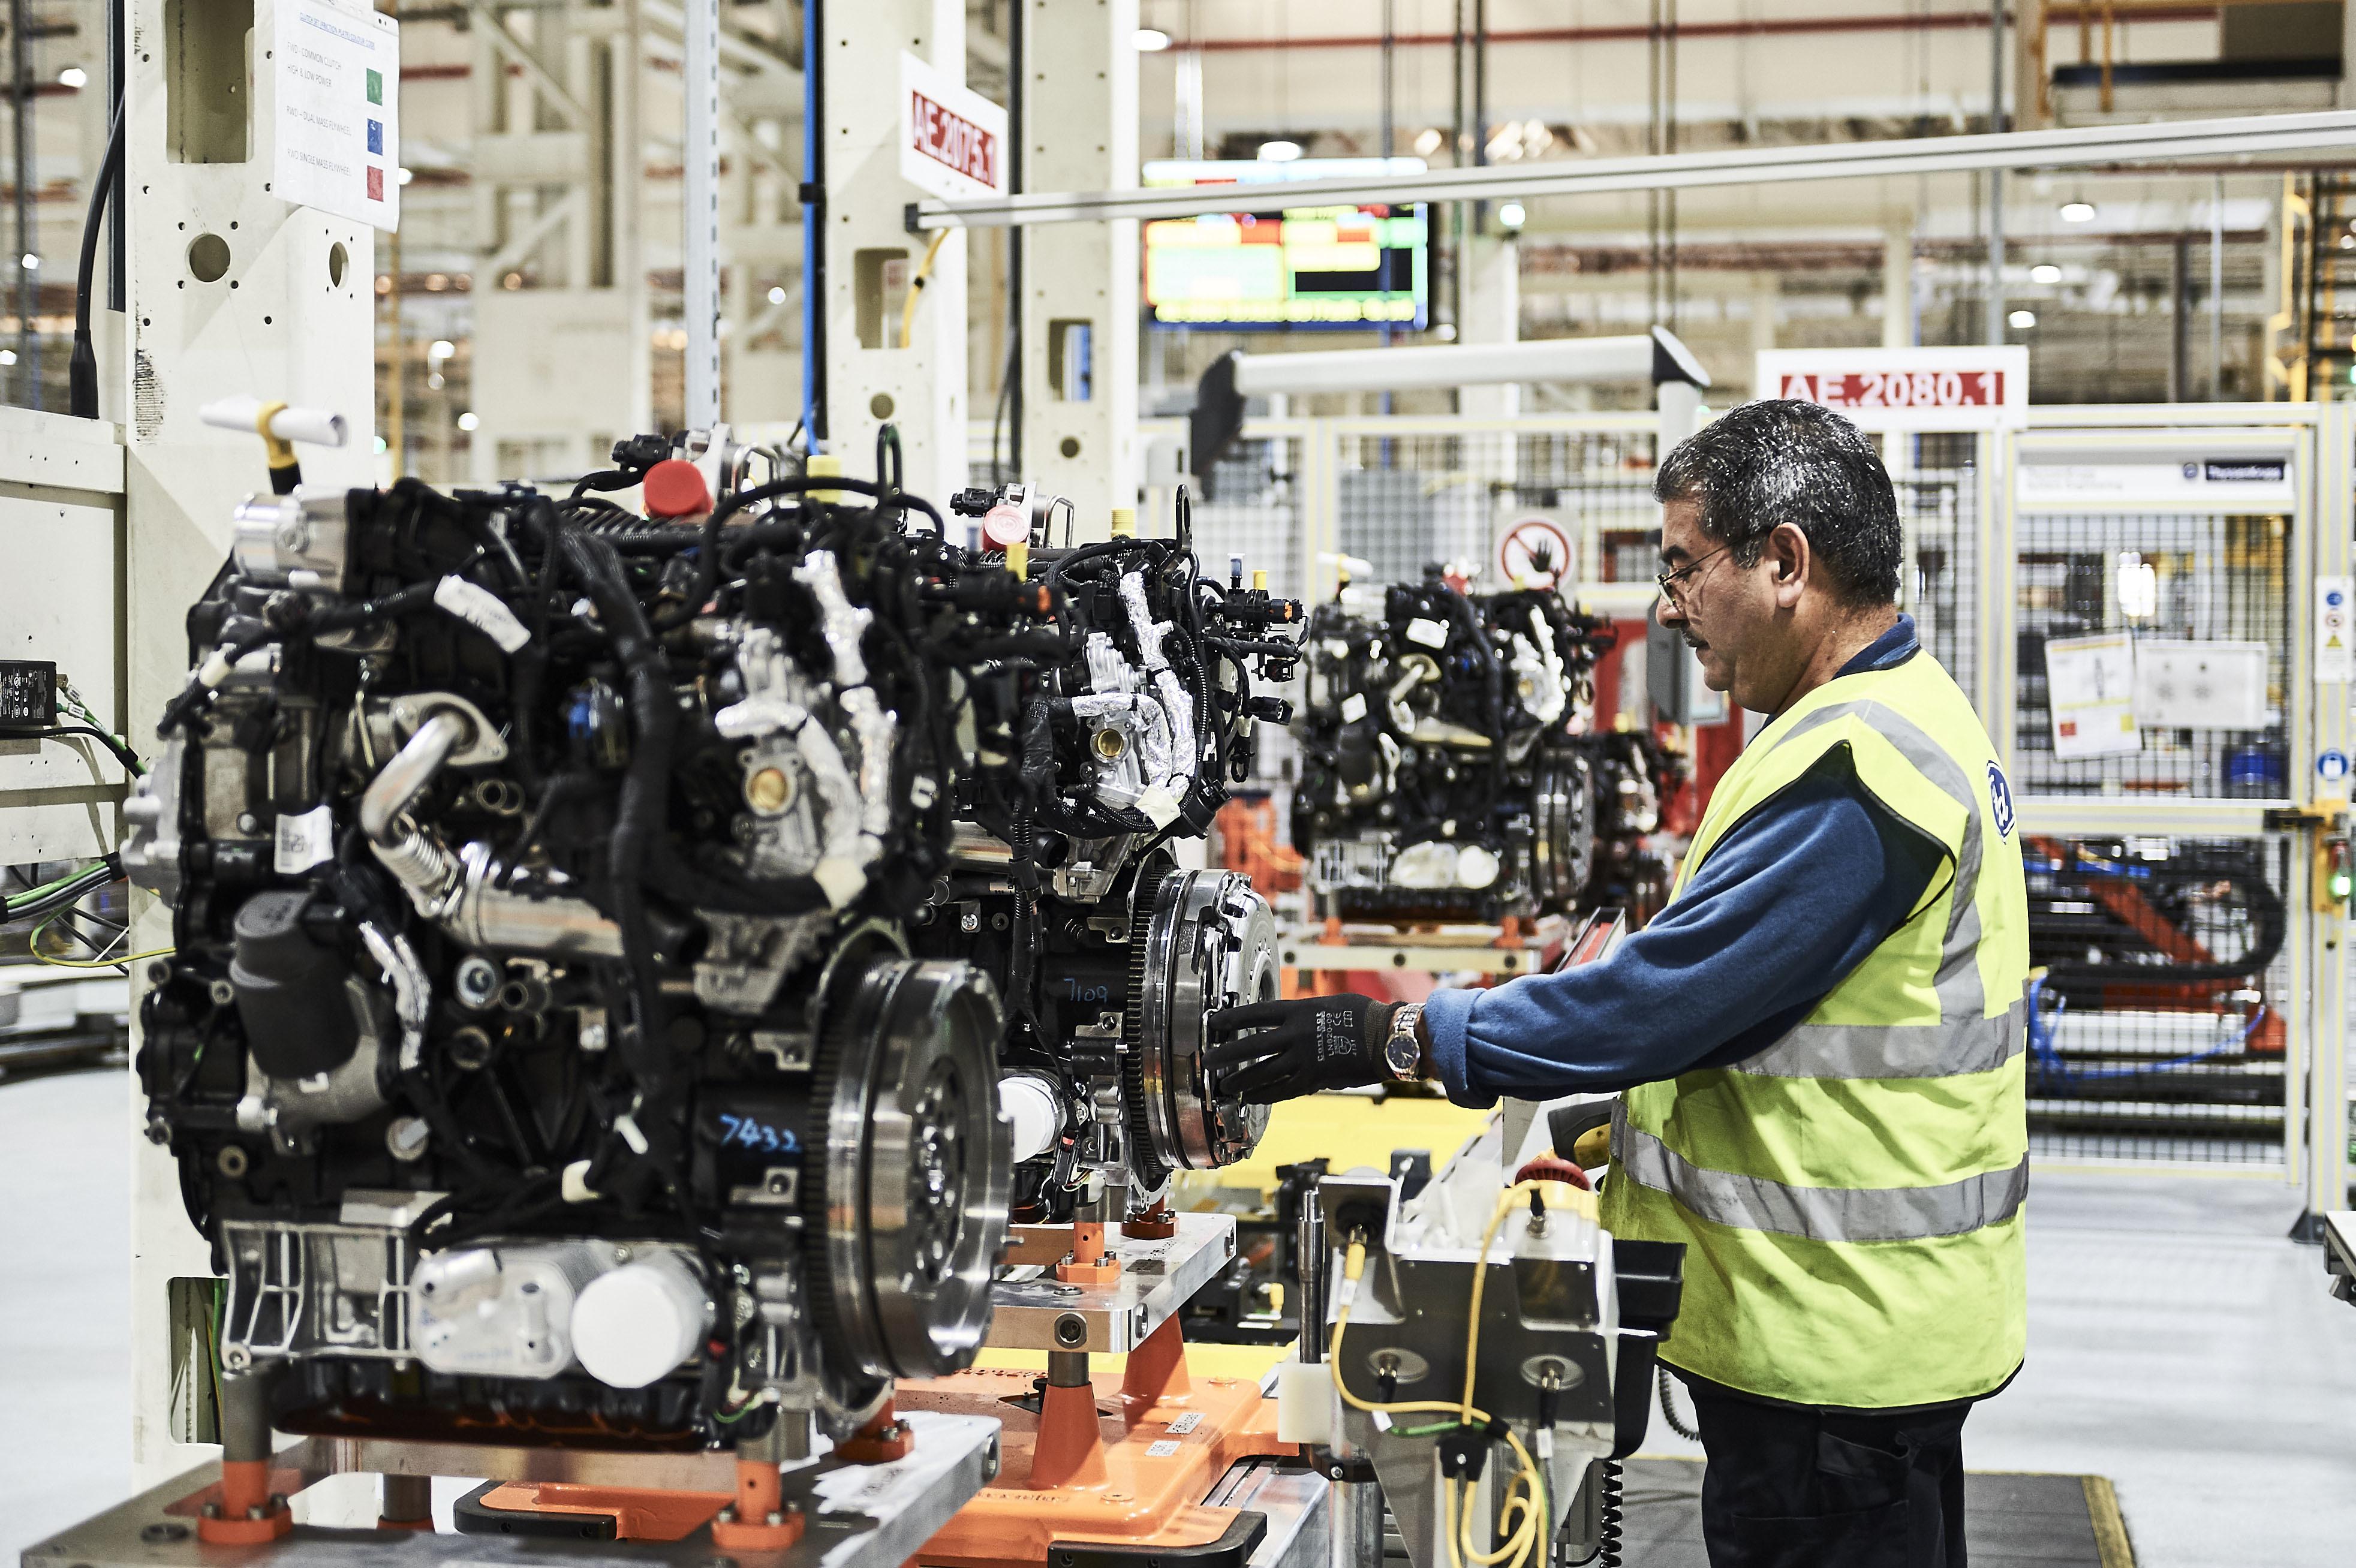 Моторний завод Ford знизить споживання води та електроенергії в 2 рази - офіційний представник Winner в Україні